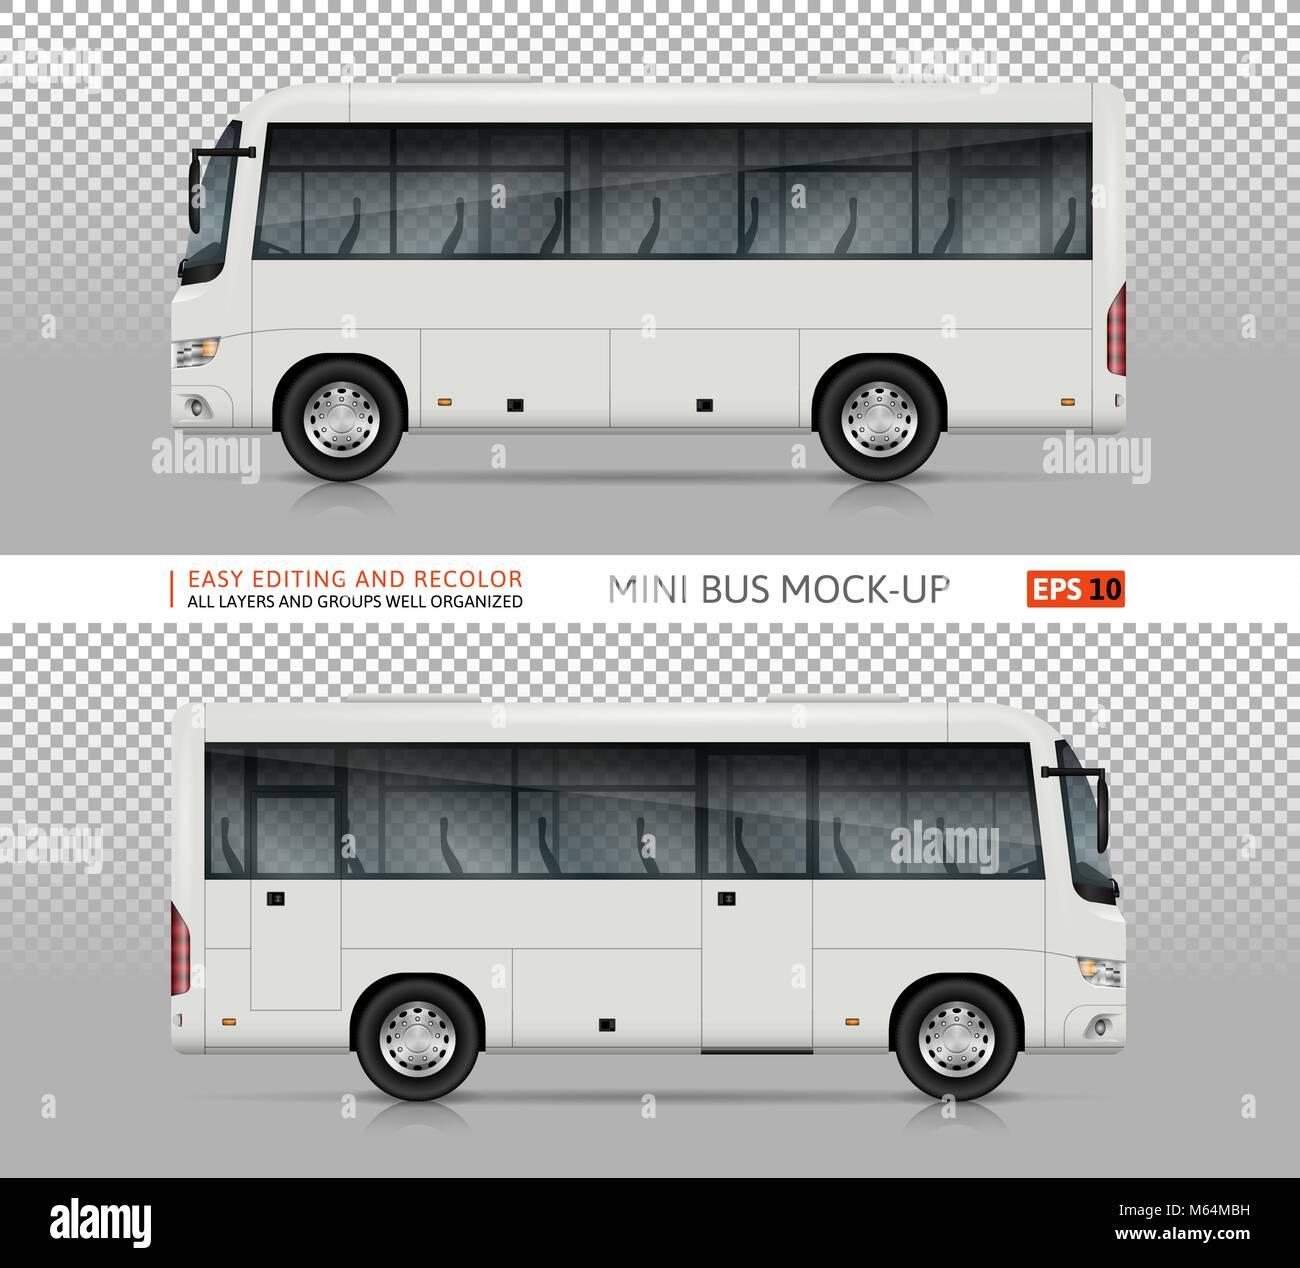 Bus vektor Mock-up. Isolierte Vorlage von realistischen City ...